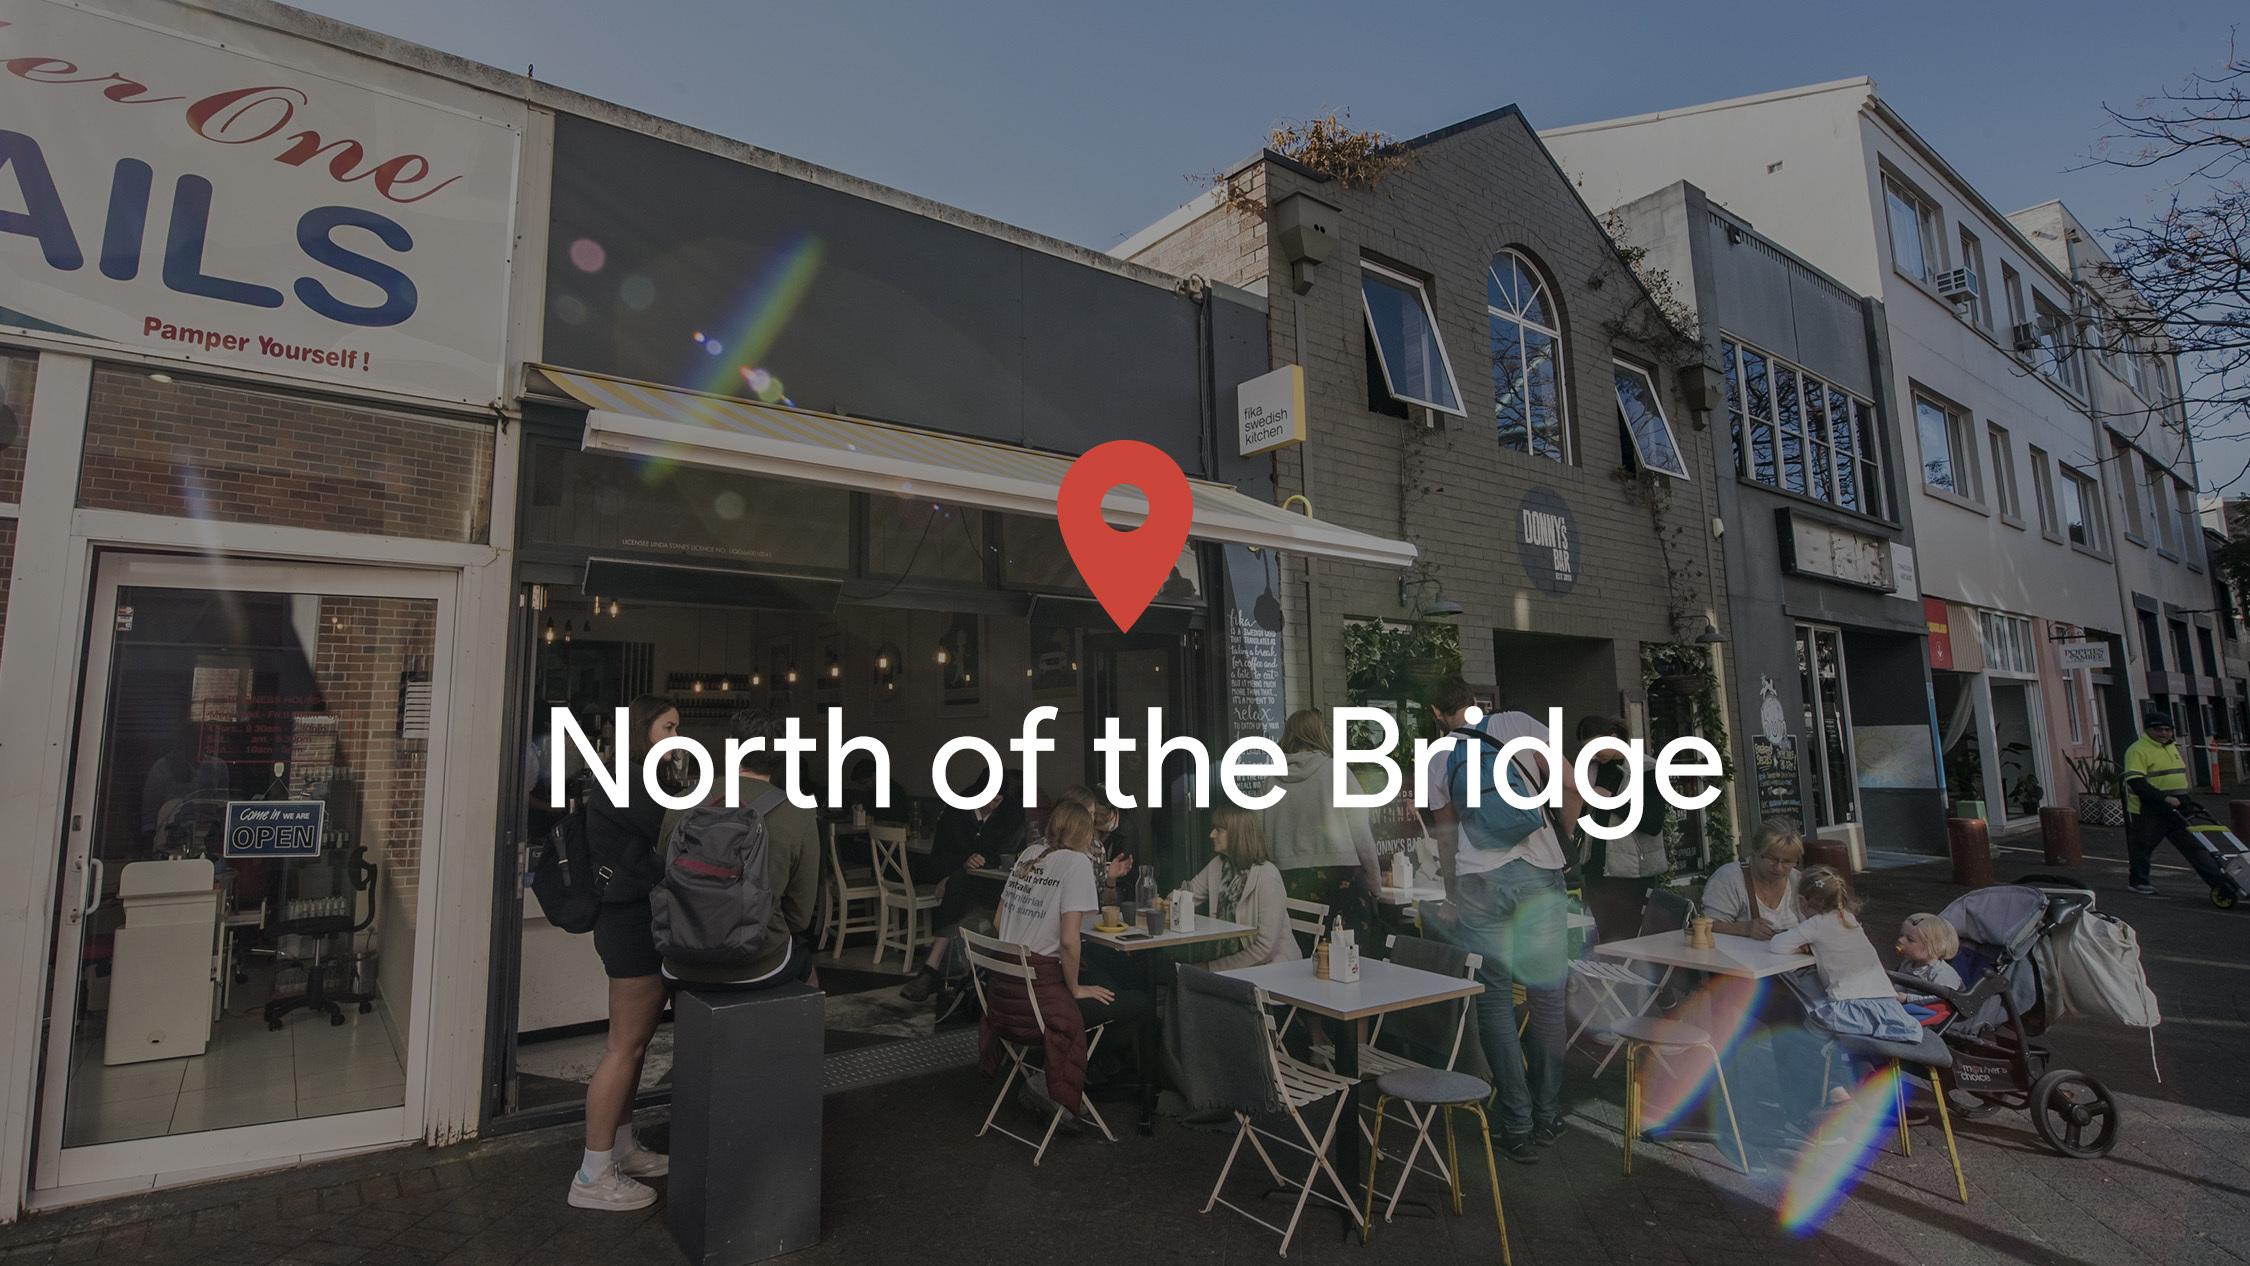 Drop a pin: North of the Bridge